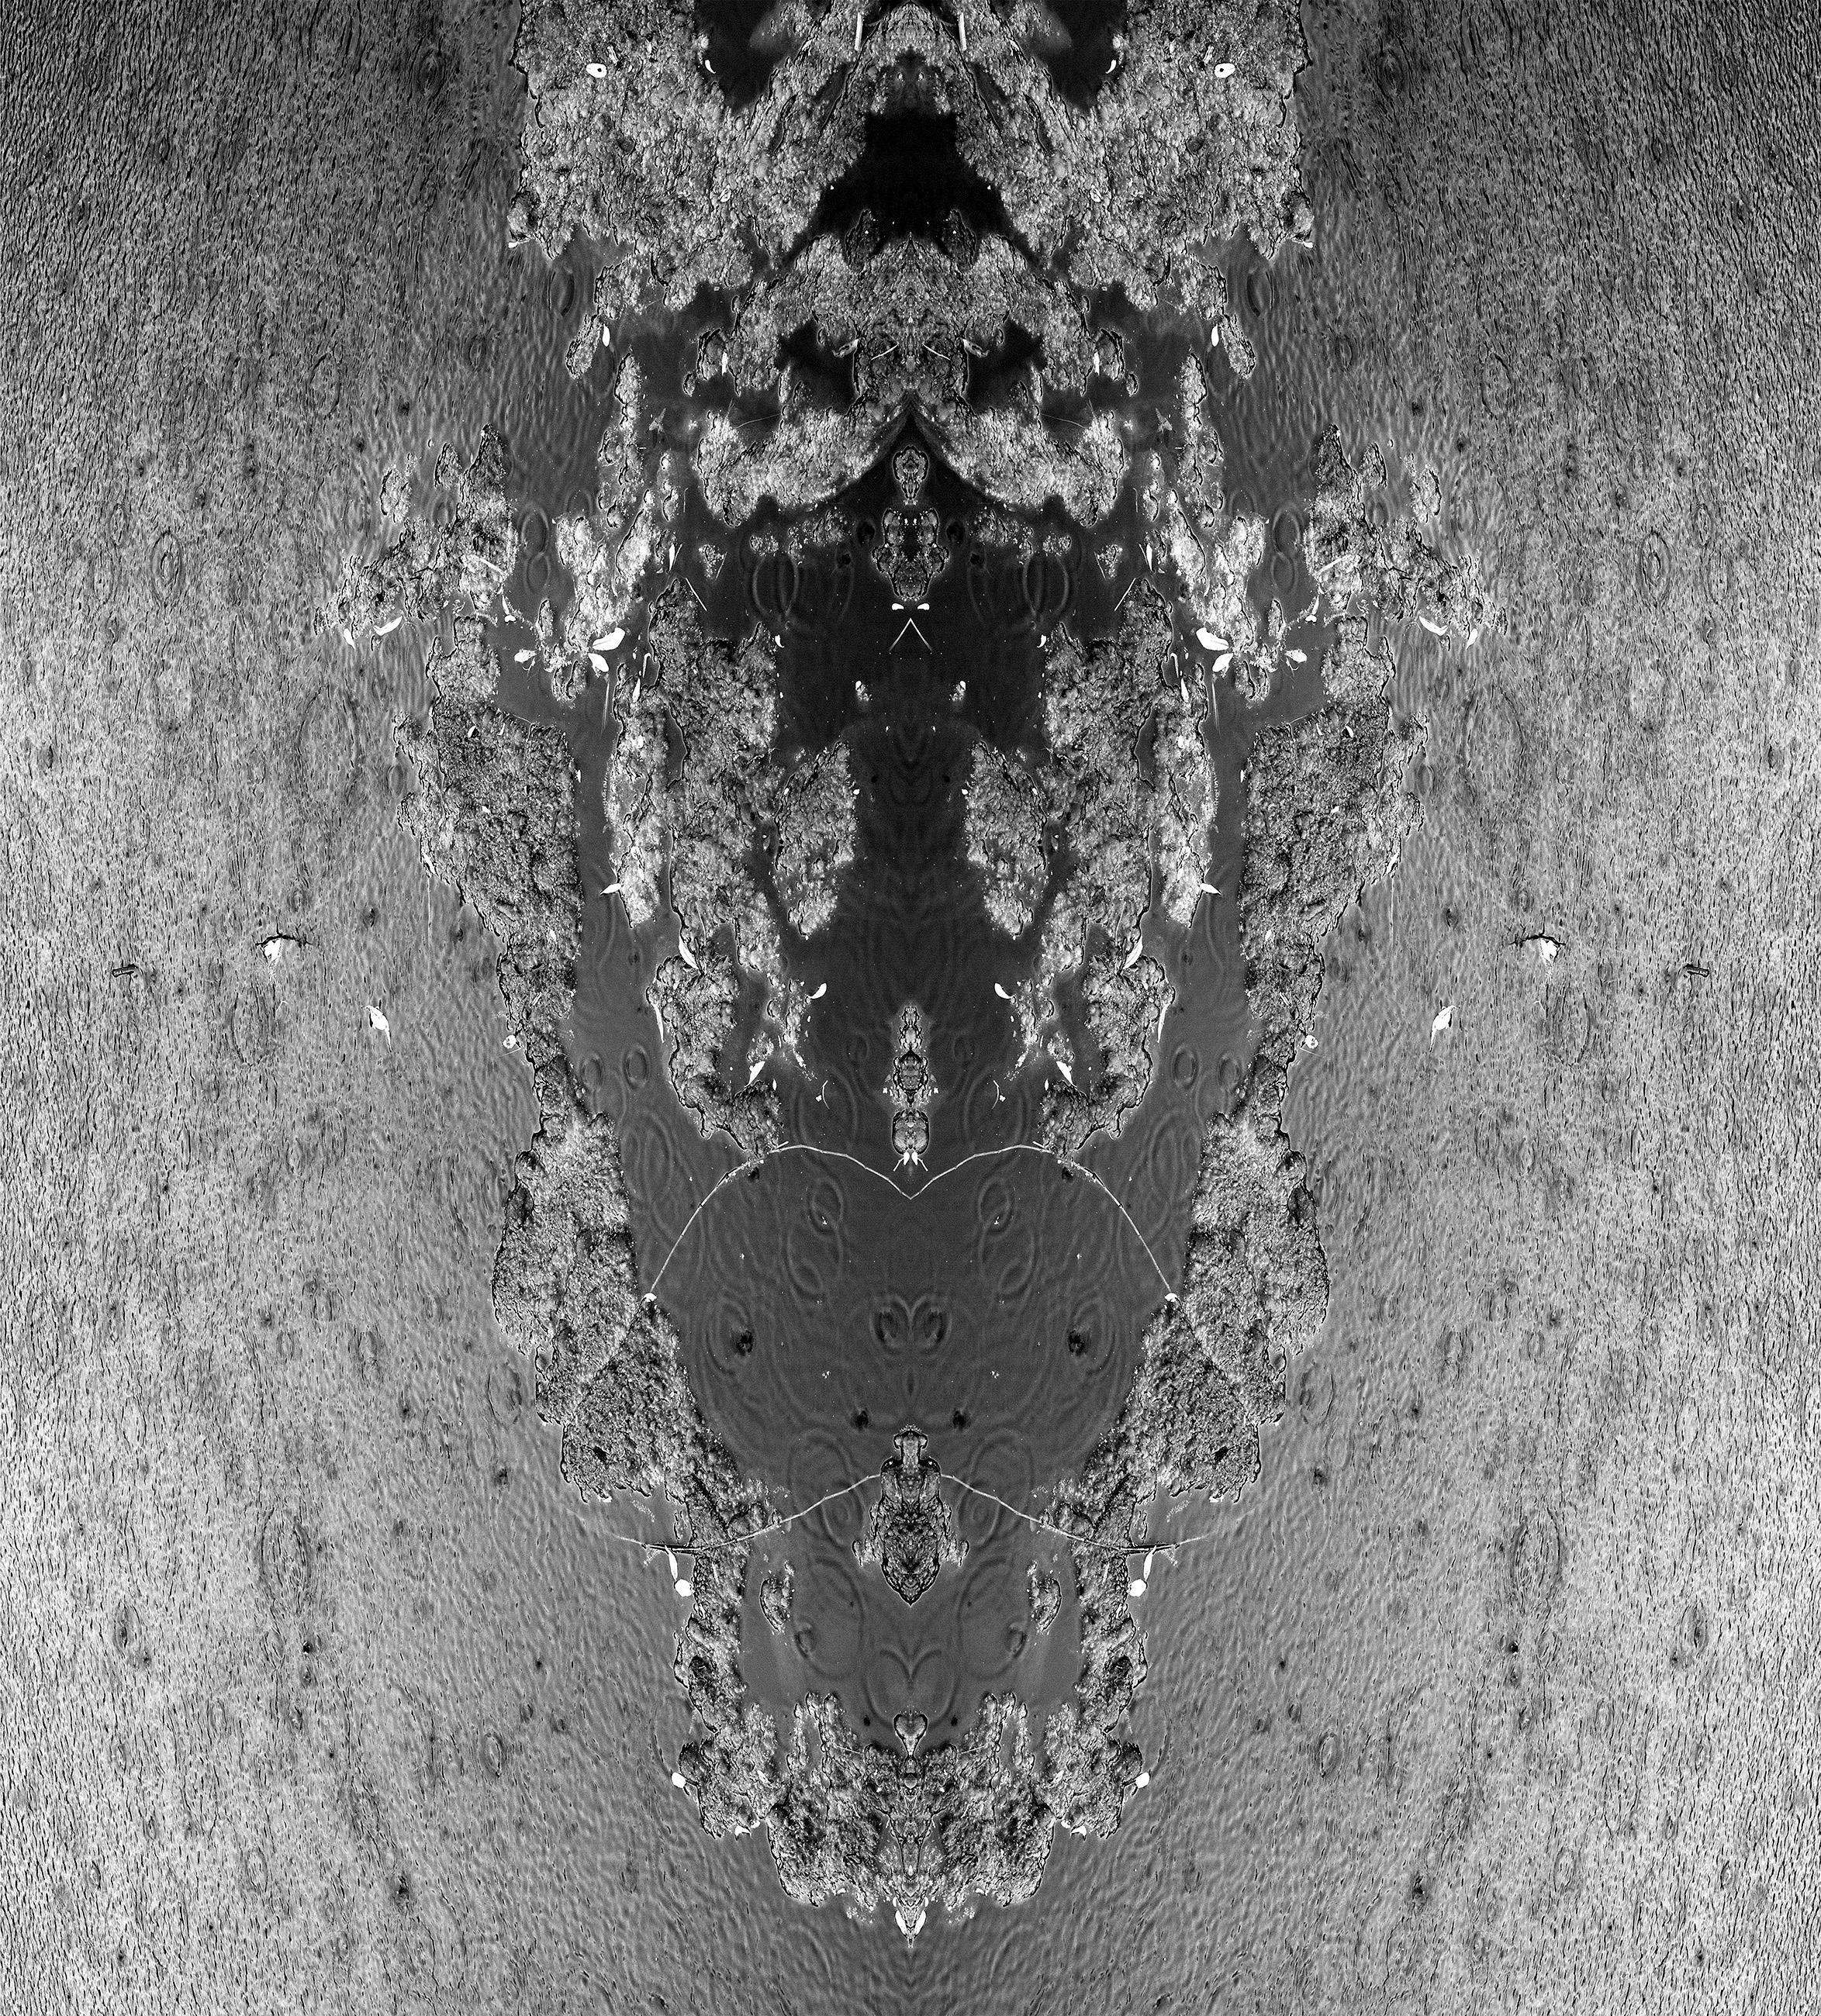 Paquet_HeadofMyFavoriteHorse_44x40_1400.jpg